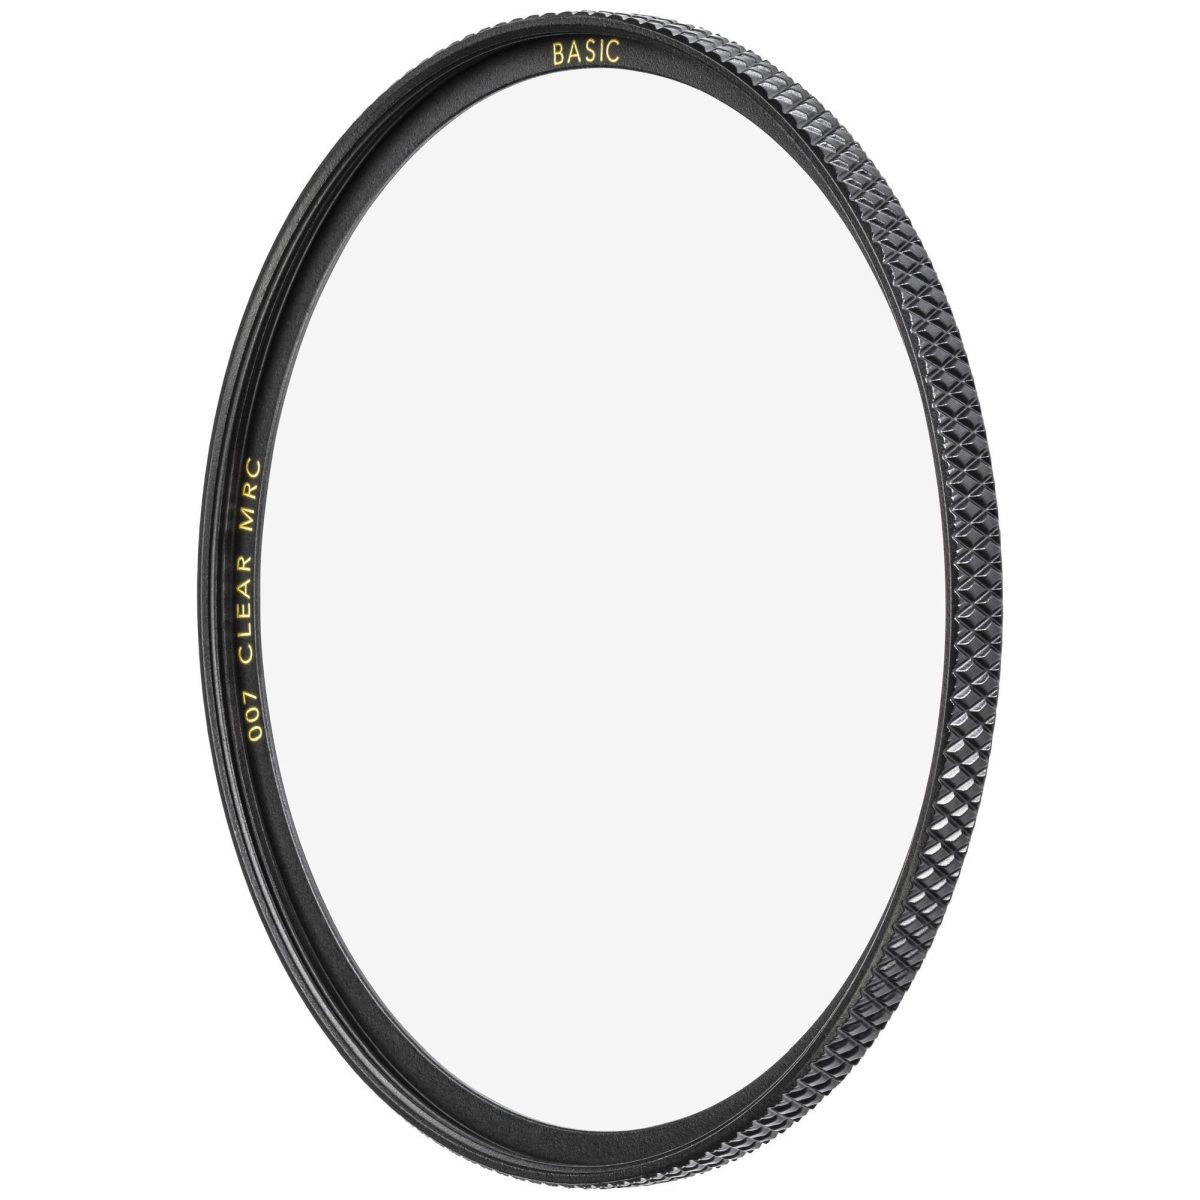 B+W Clear Filter 55 mm MRC Basic